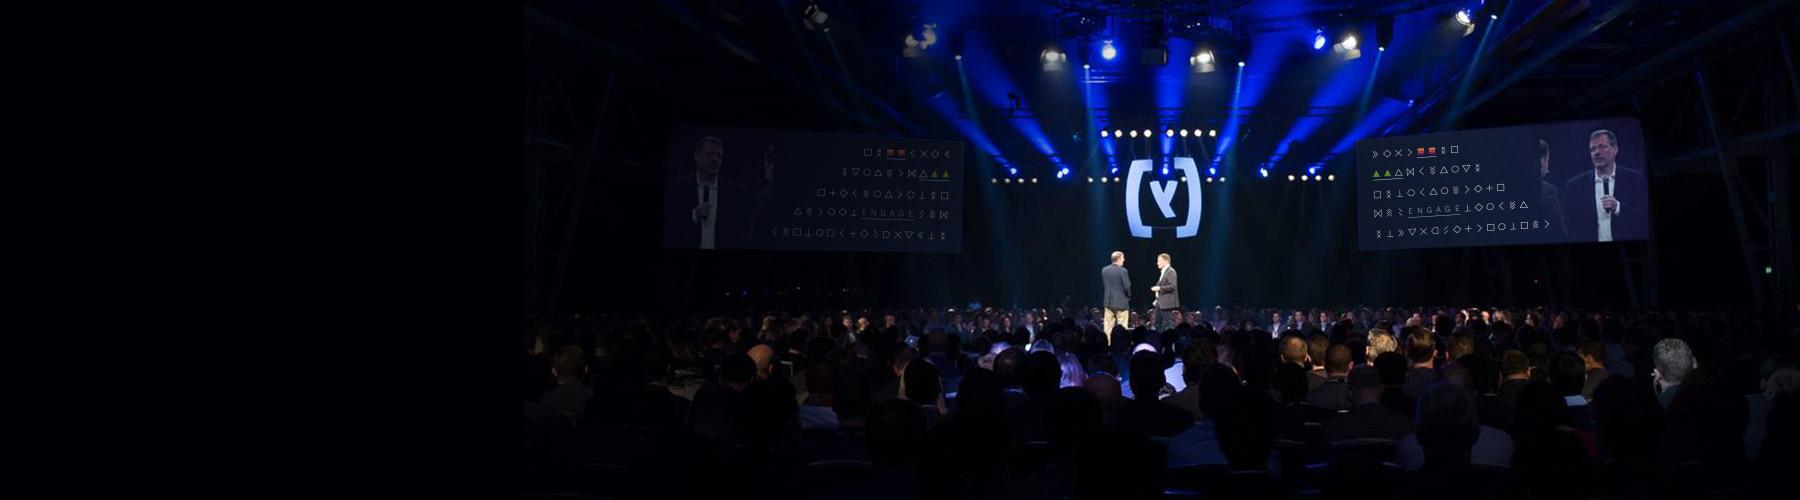 SAP Hybris LIVE Global Summit: il futuro della CX in una galassia di dati